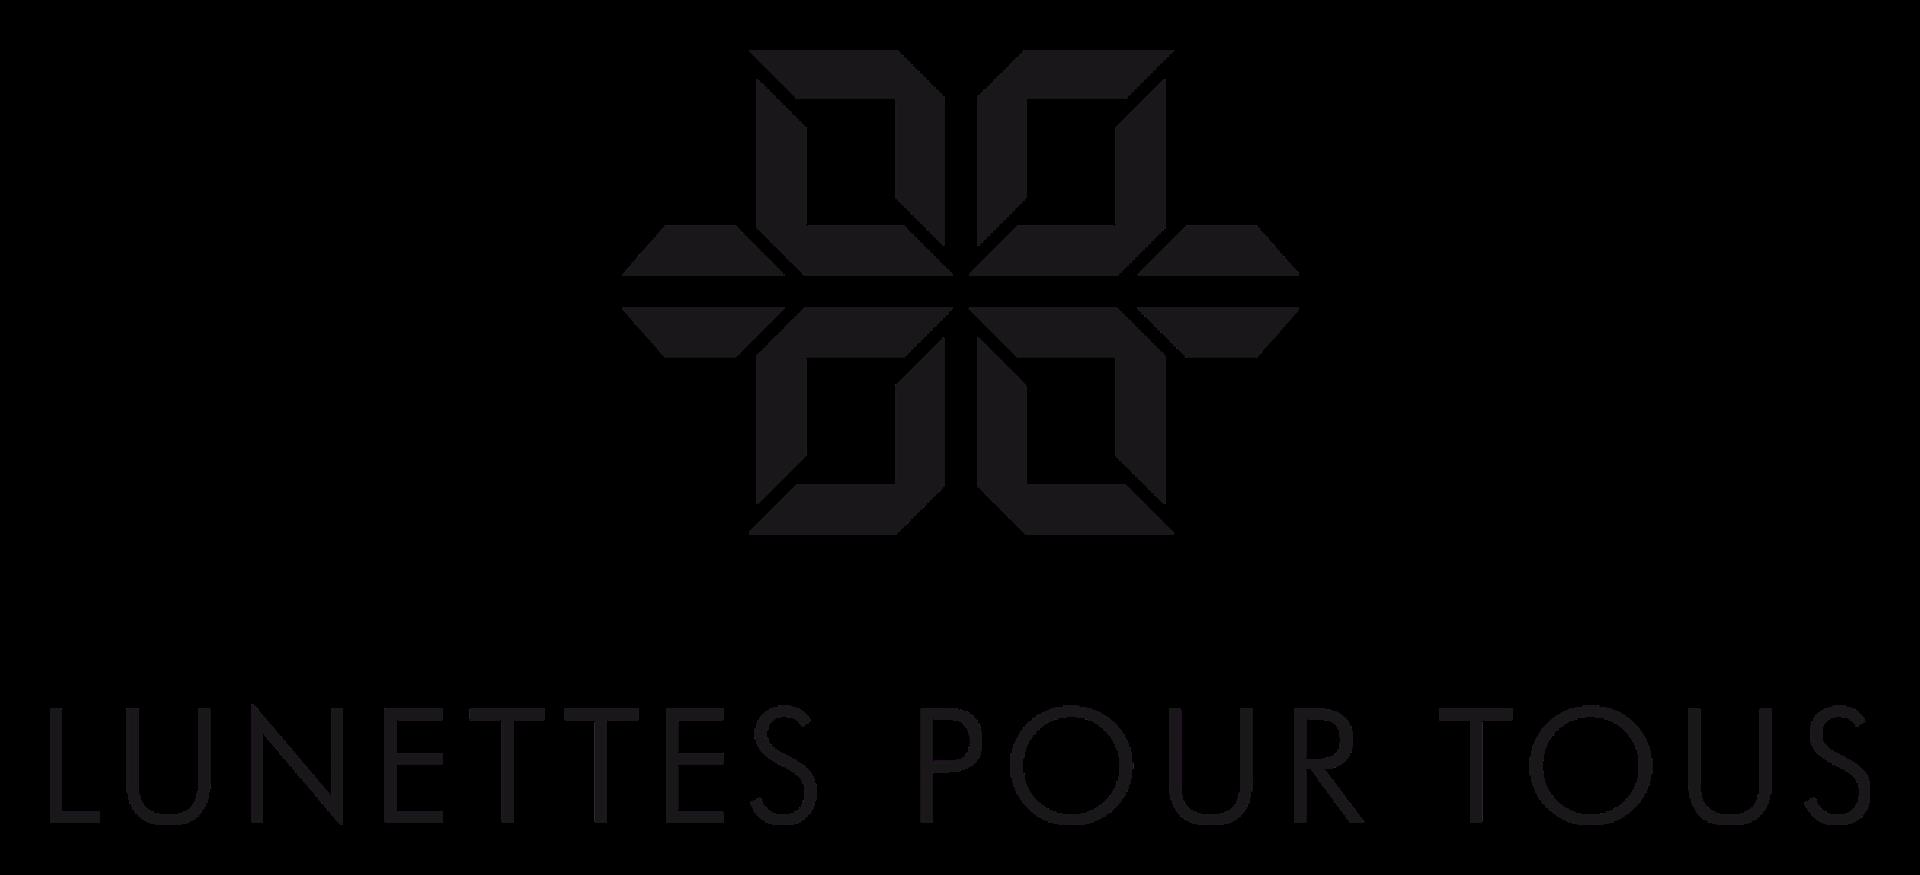 VentehfCdi Marseille Pour De 35h TousConseiller Lunettes wPkOn0